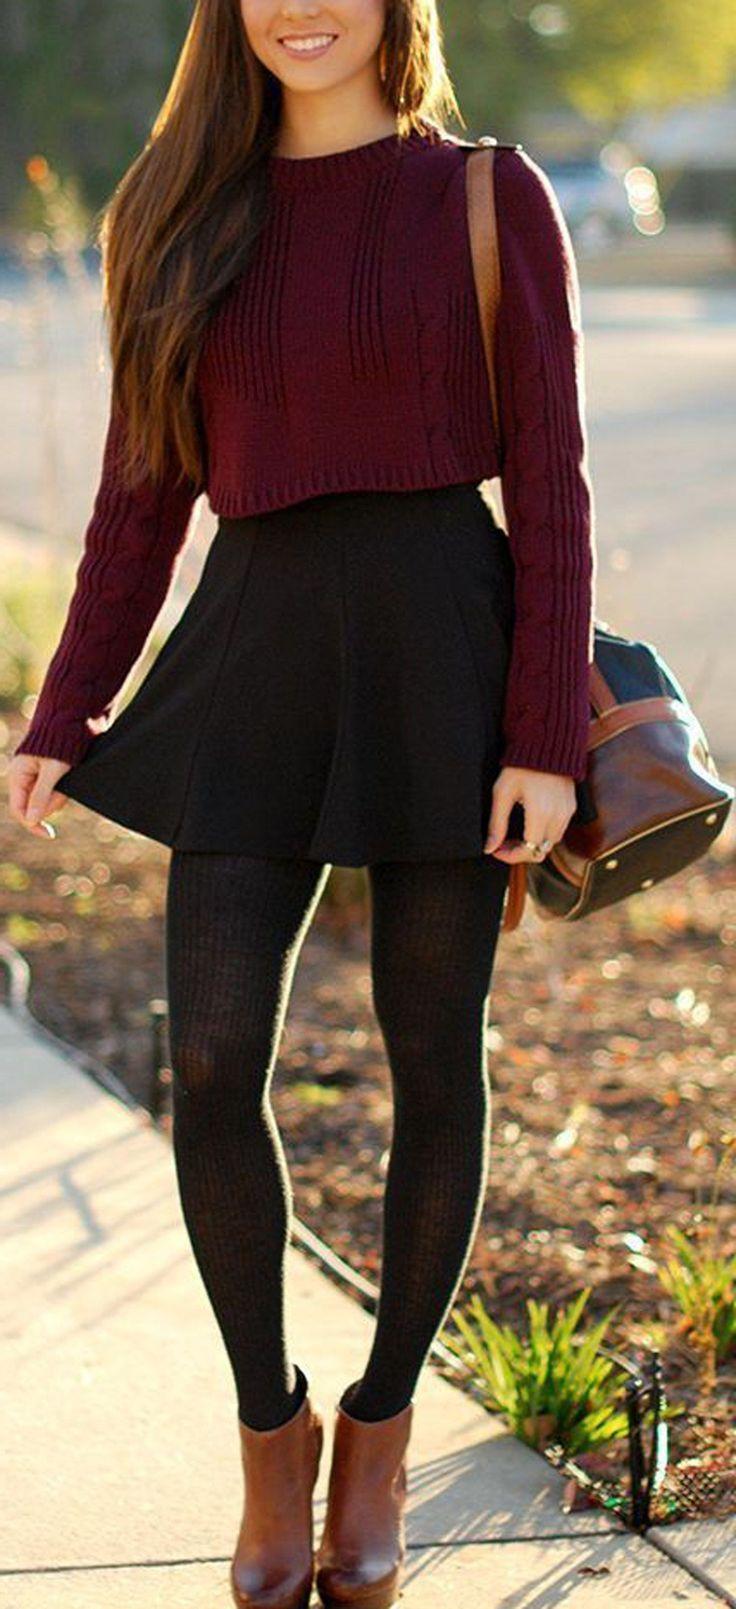 🌹Klassische Winter-Outfit-Ideen für Teenager für Teenager-Mädchen Crop Top Skater Skir …- # edel # Mädchen #ideas #outfit #teenagers # winter- # Genel